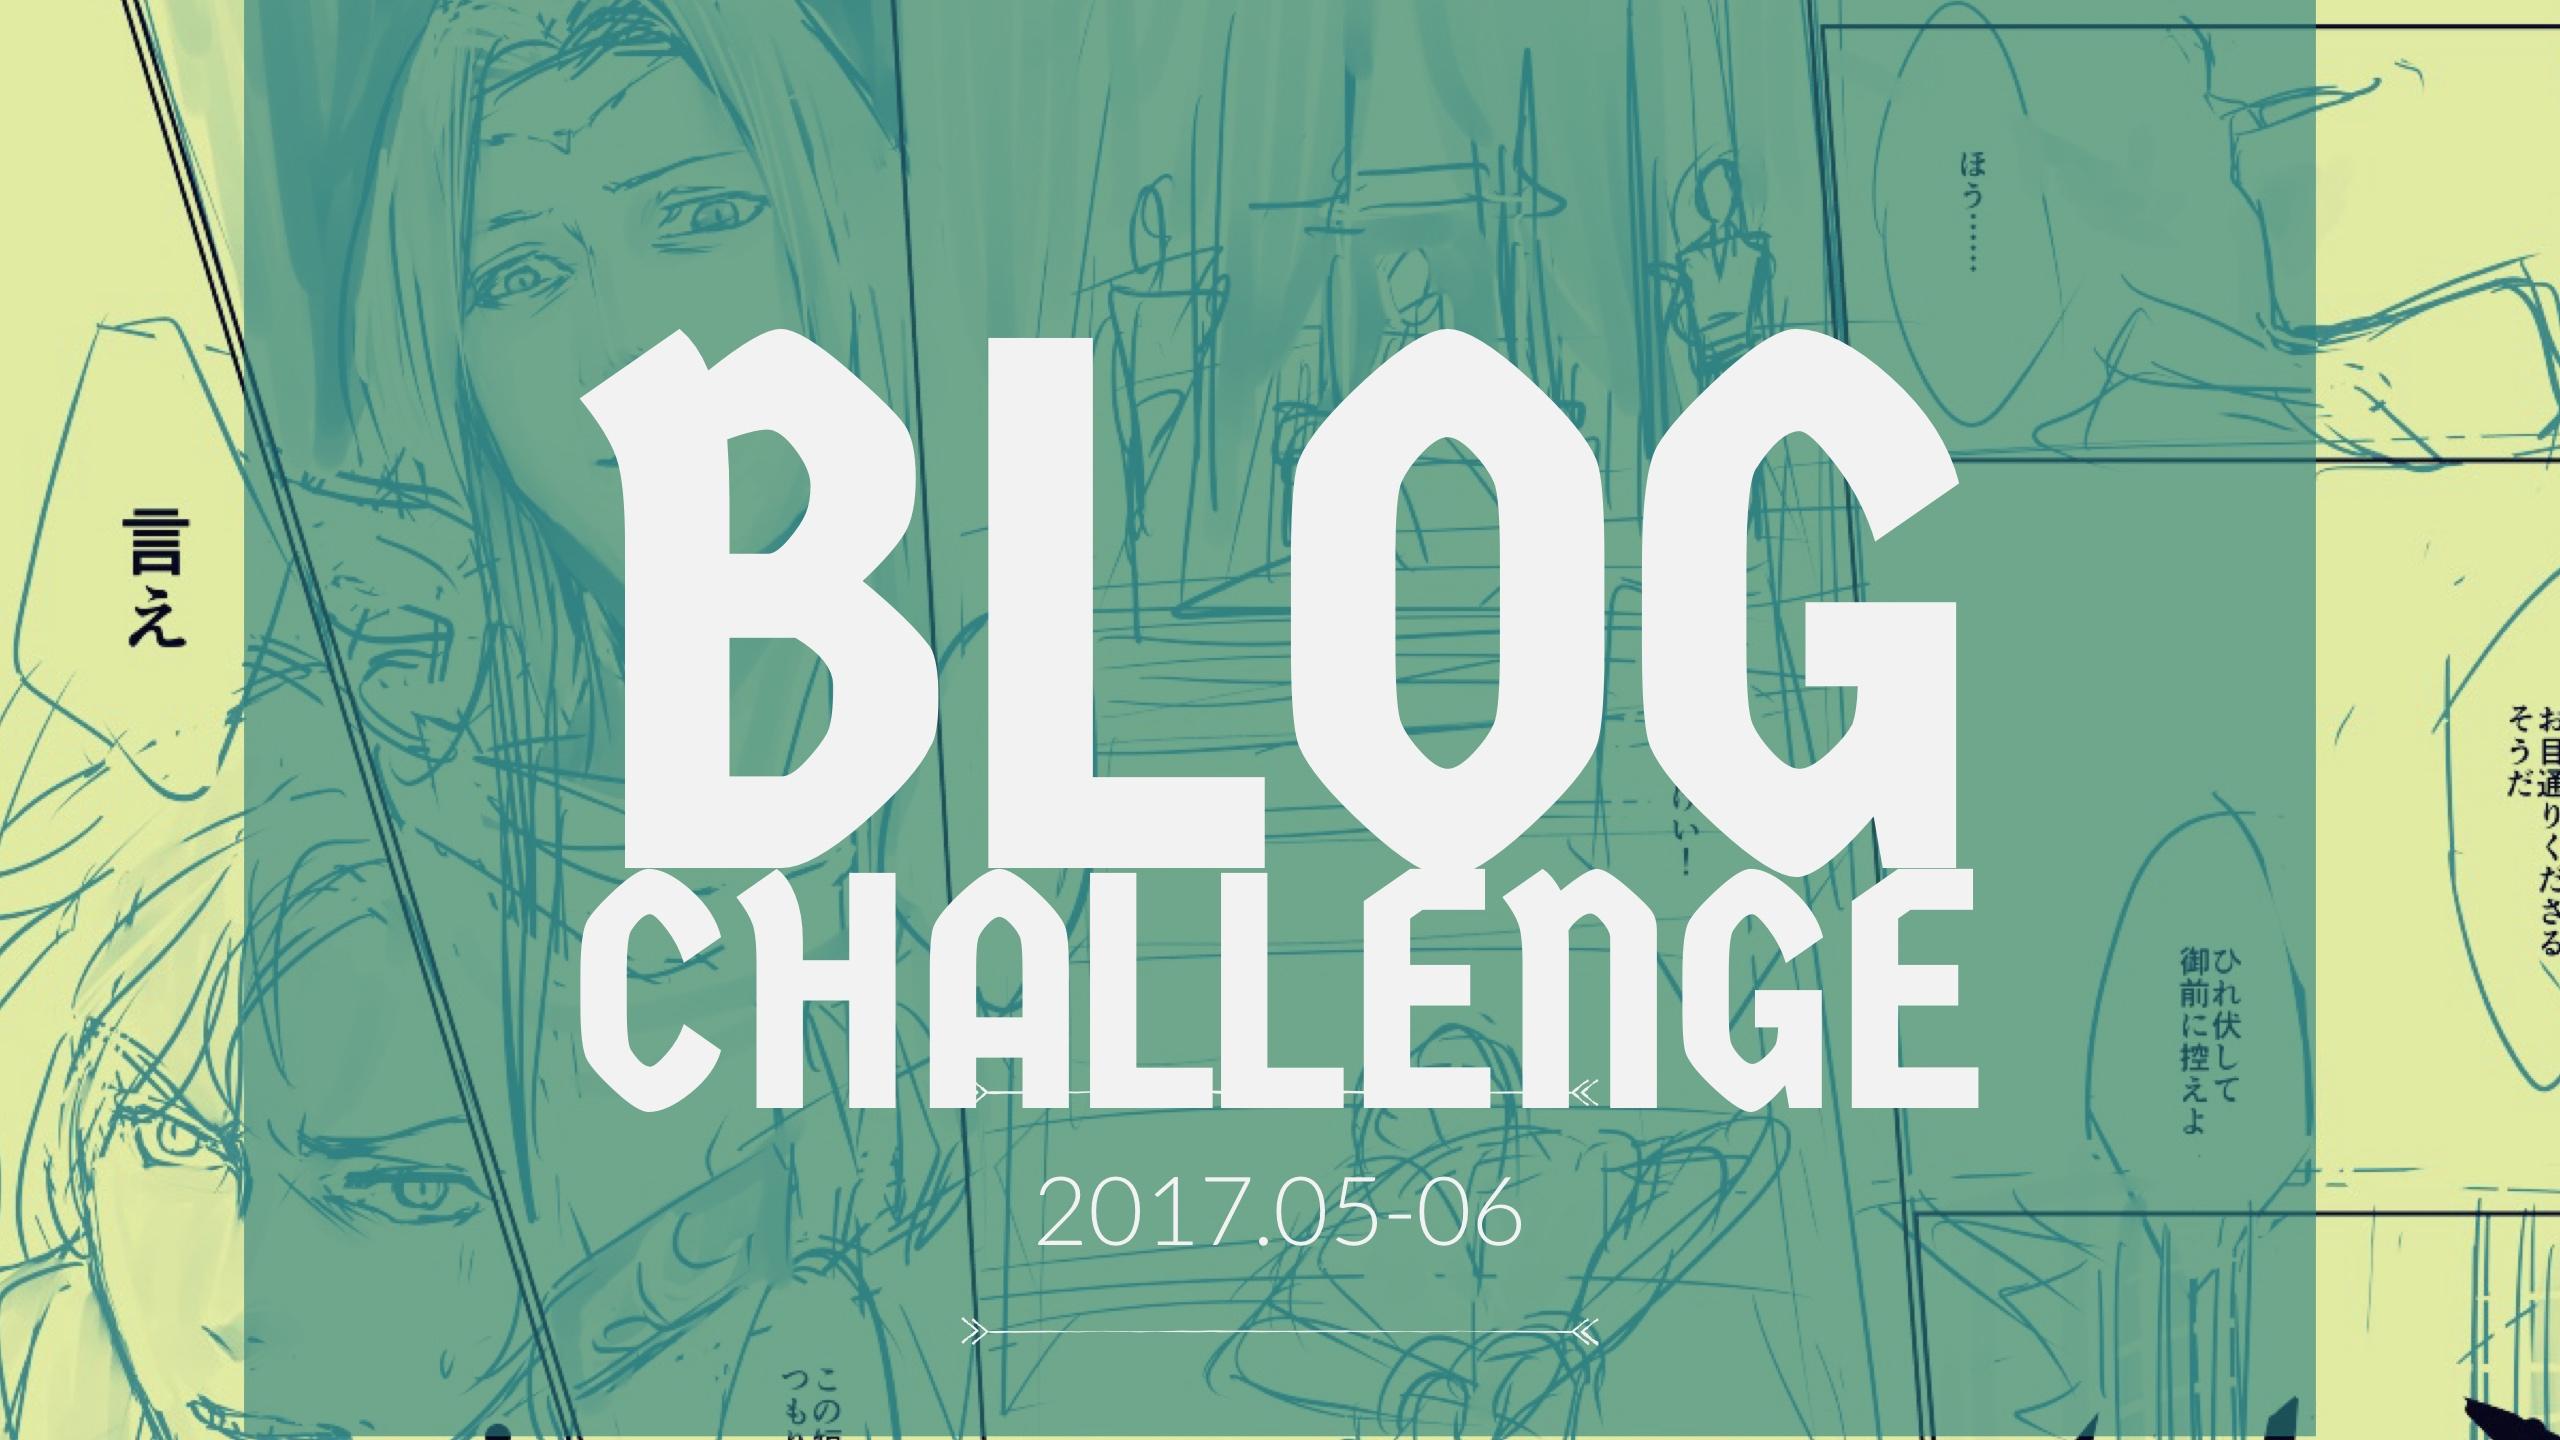 オリジナルマンガを制作するブログ企画でネーム大賞応募を狙うよ!